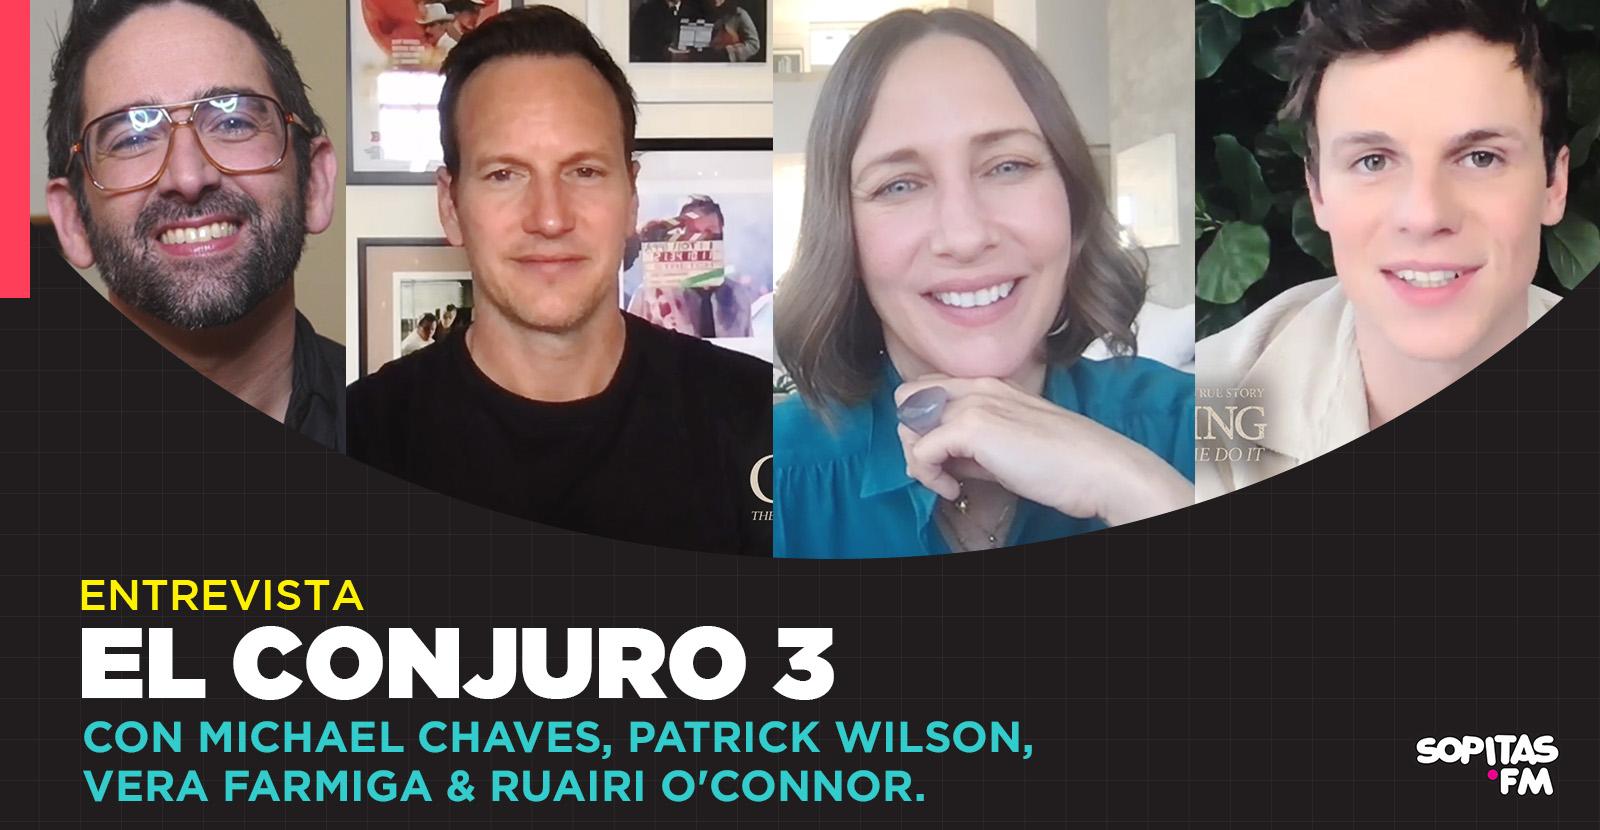 El caso real y los dilemas morales: Una entrevista con los protagonistas y el director de 'El Conjuro 3'